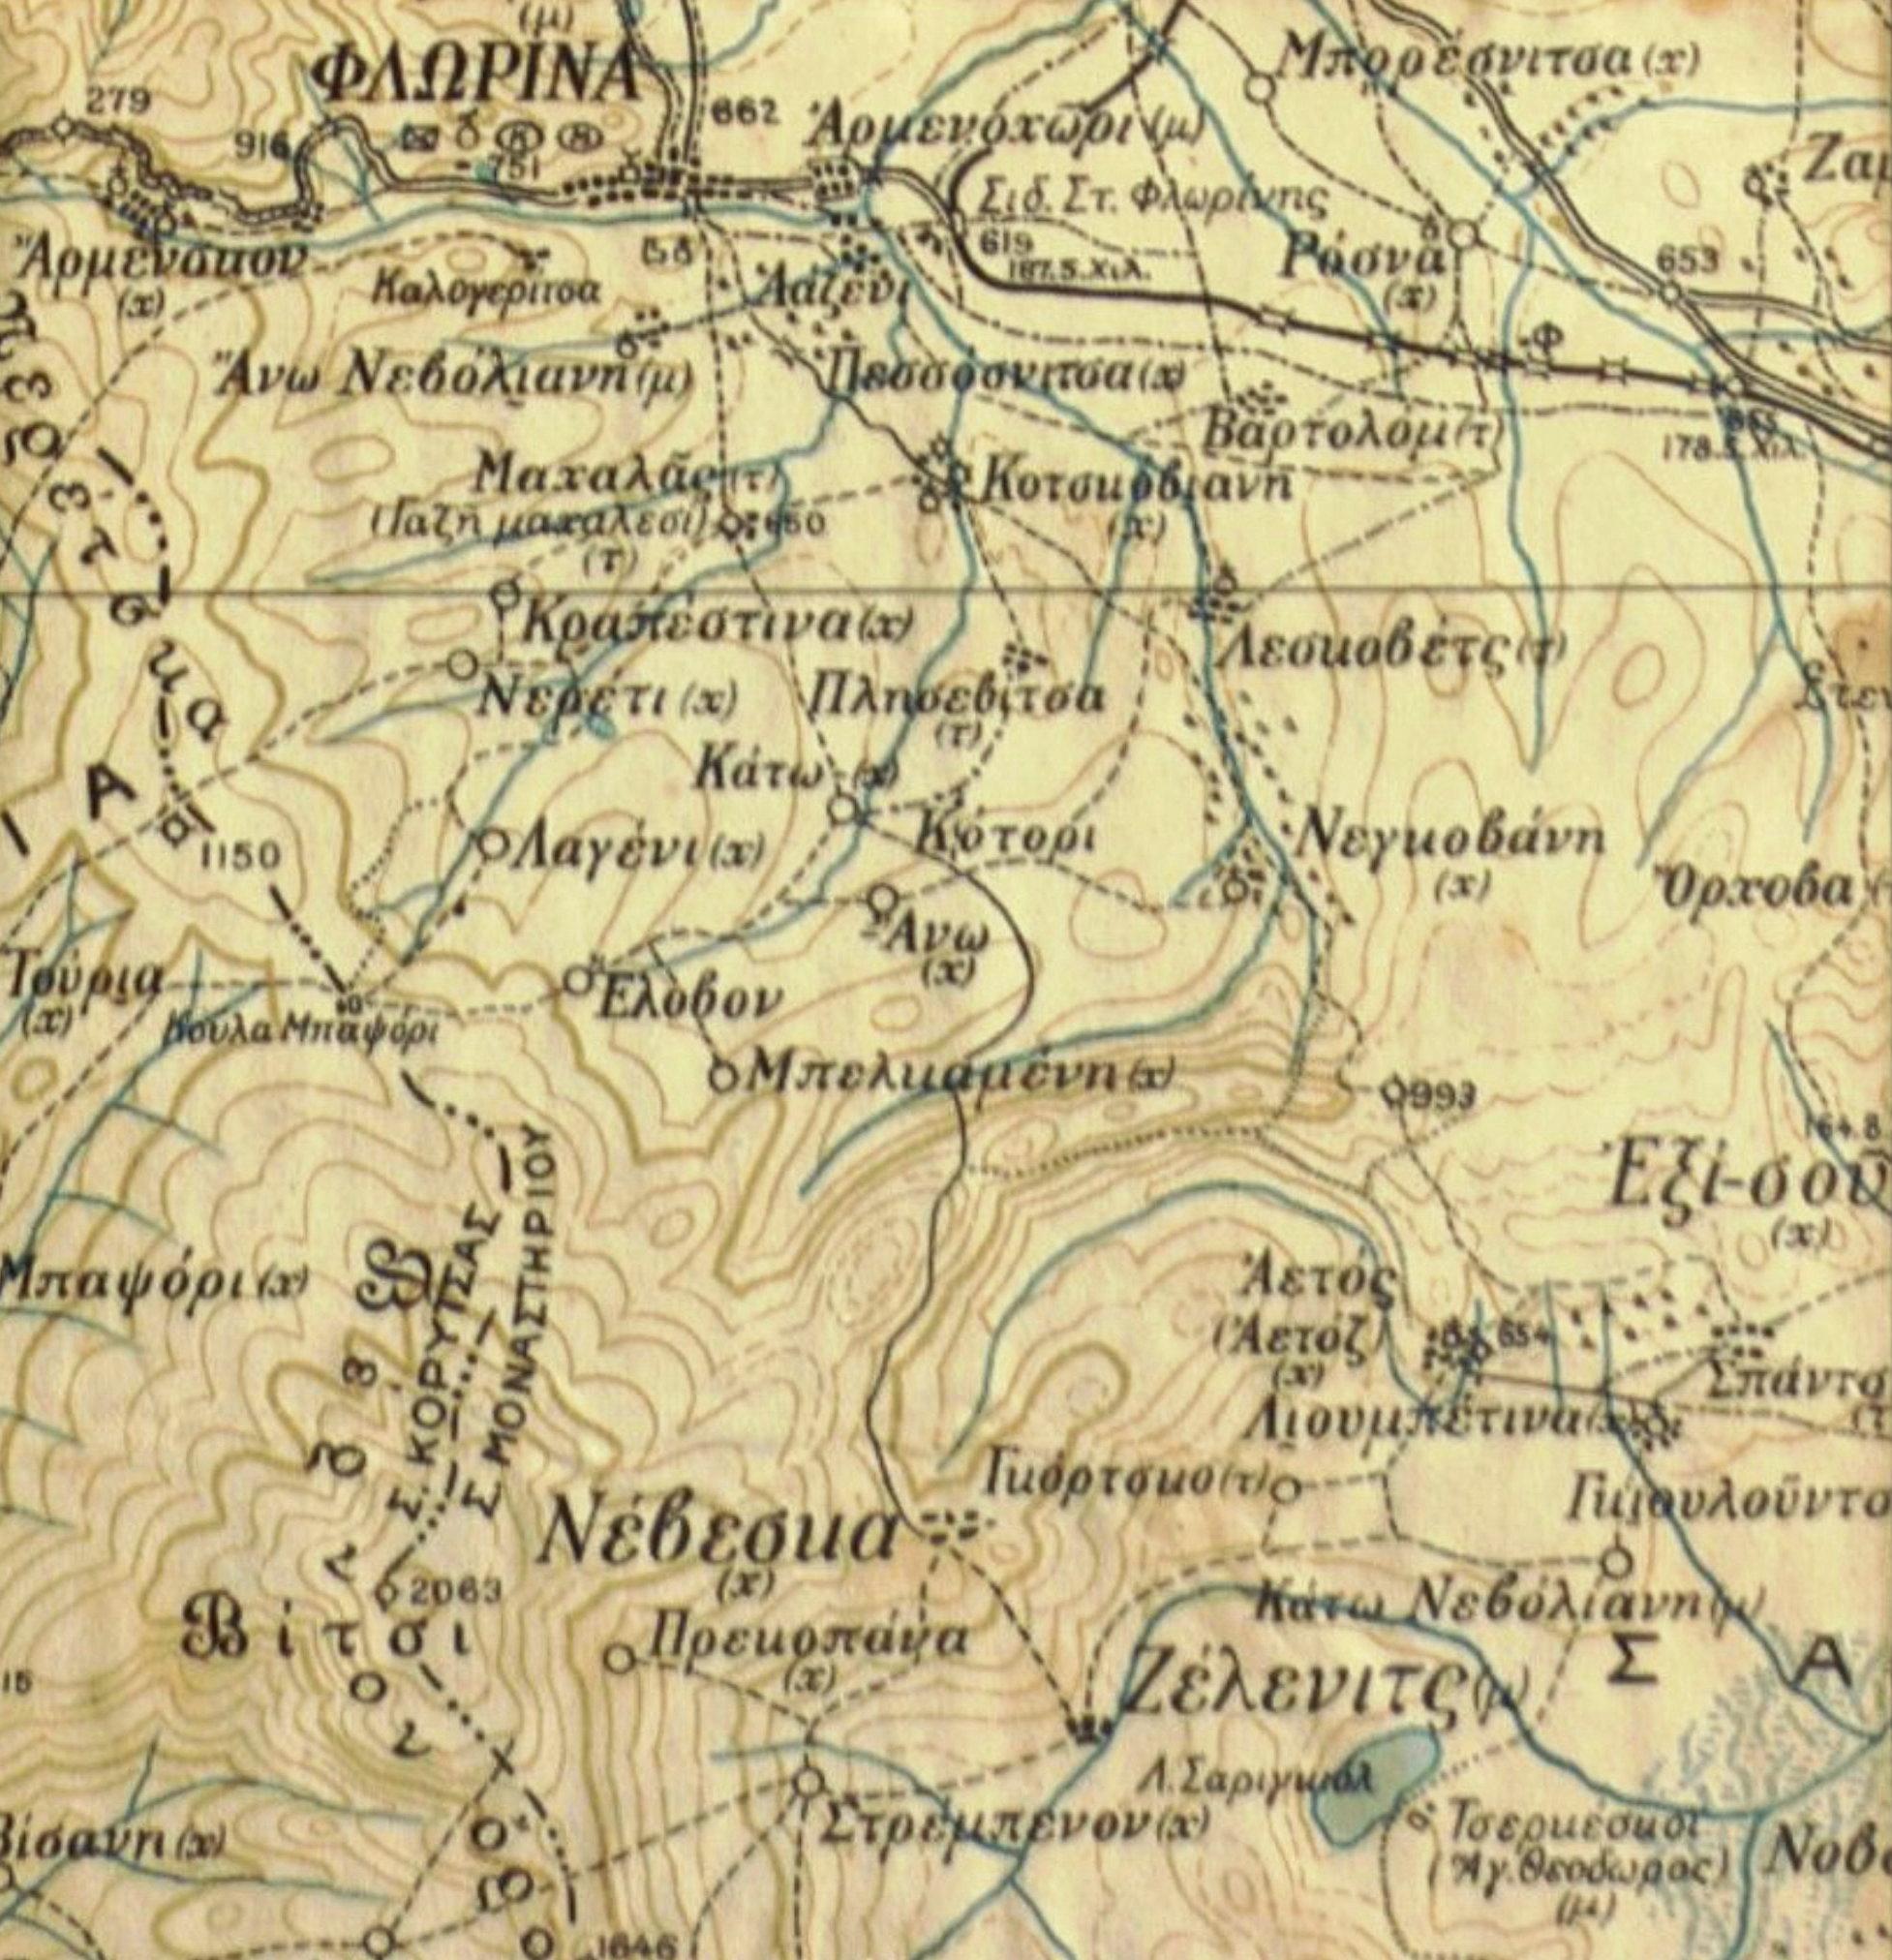 25 Μαΐου 1905. Οἱ Τοῦρκοι σκοτώνουν τὸν Καλογεράκη.